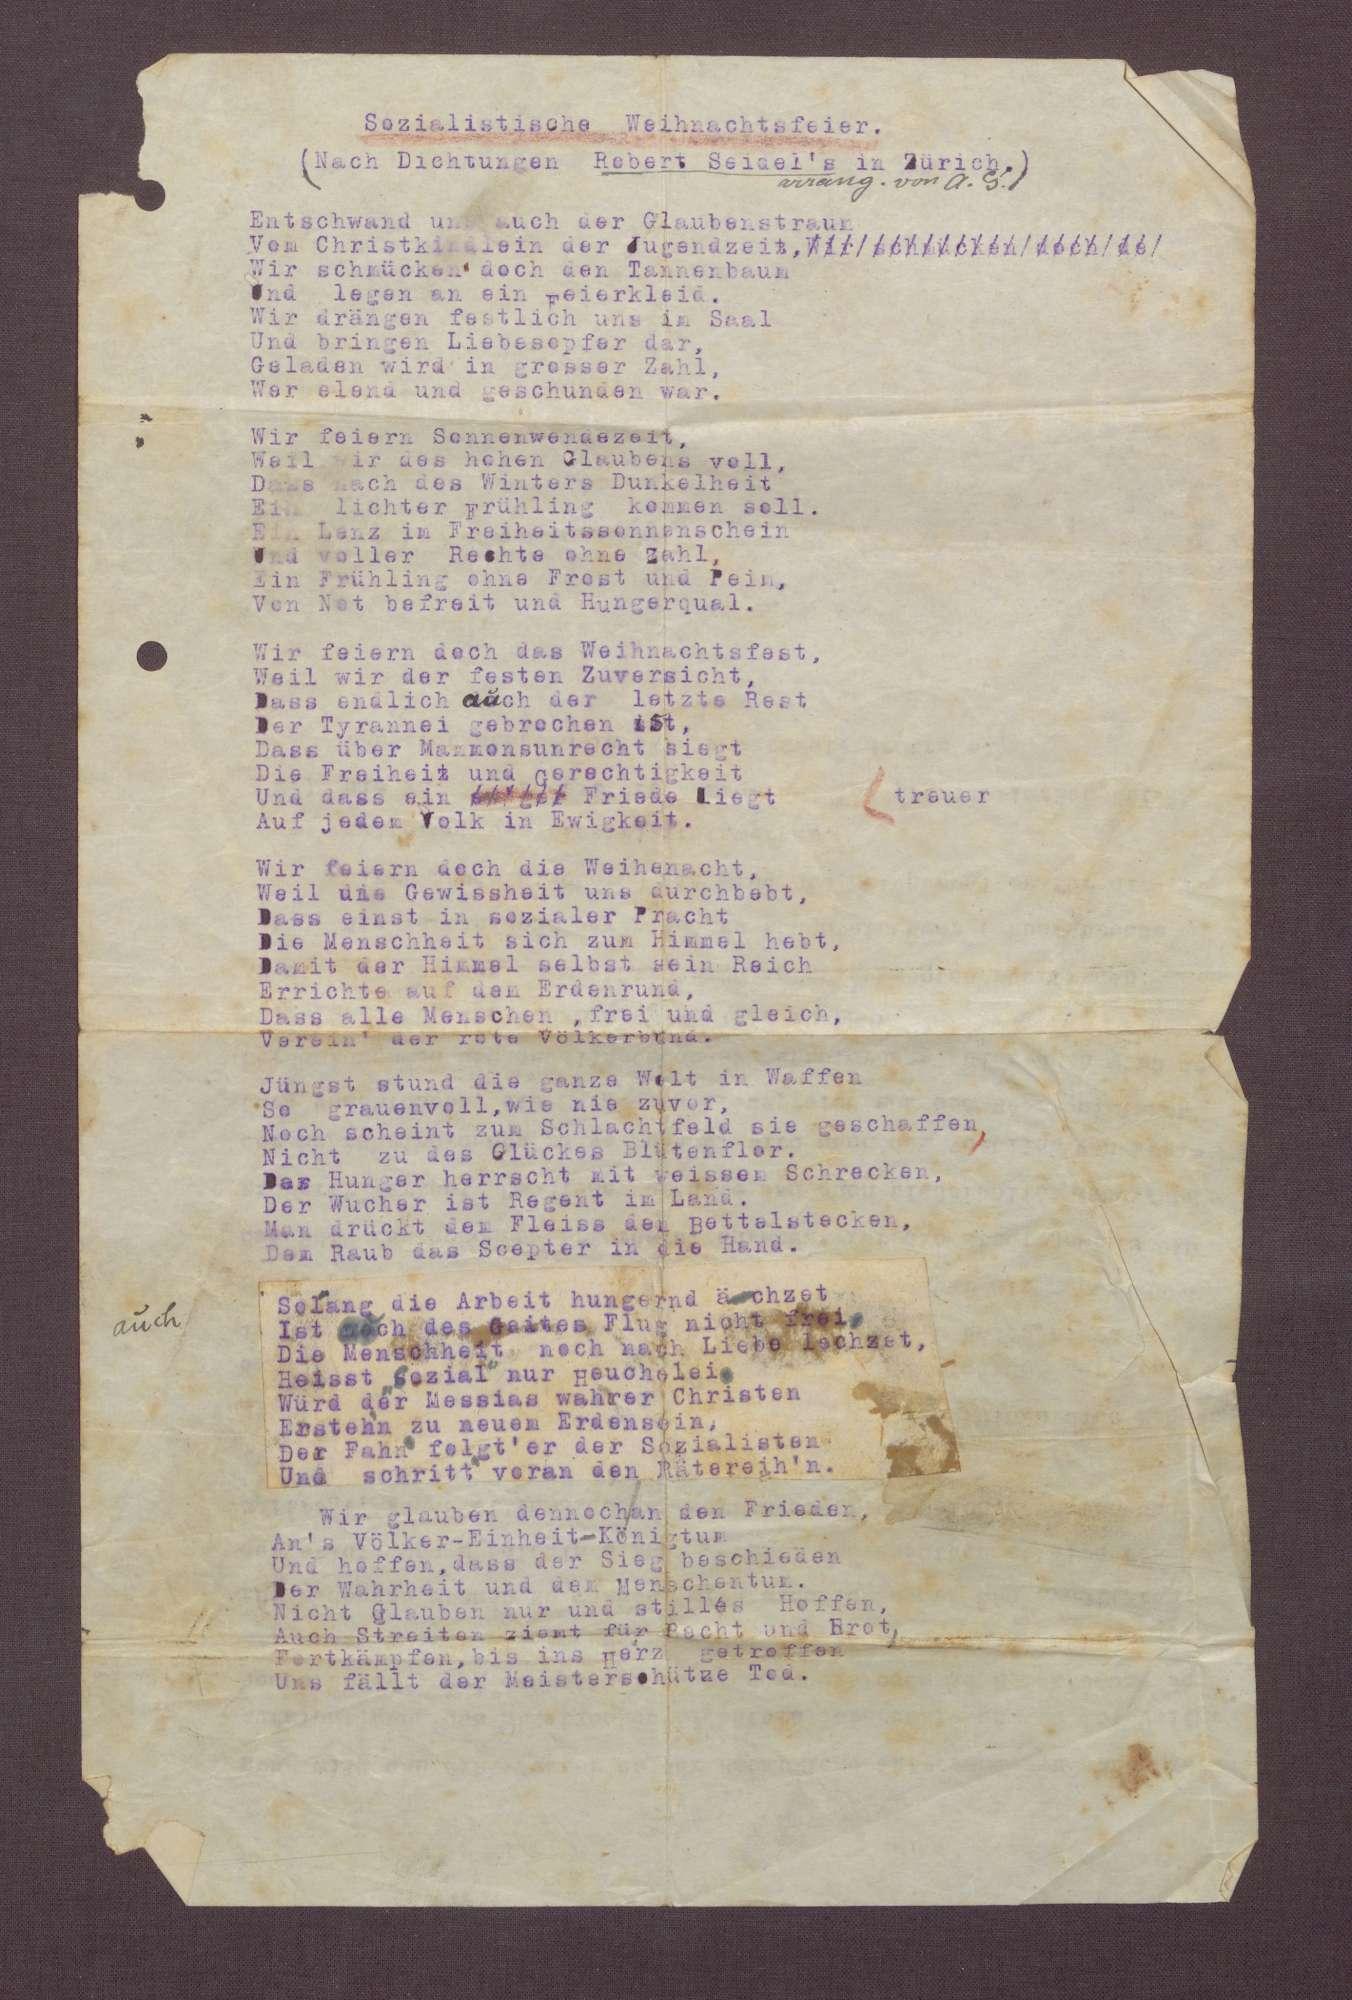 """""""Sozialistische Weihnachtsfreier"""" (nach Dichtungen Robert Seigels in Zürich arrangiert von Adolf Geck), Bild 1"""